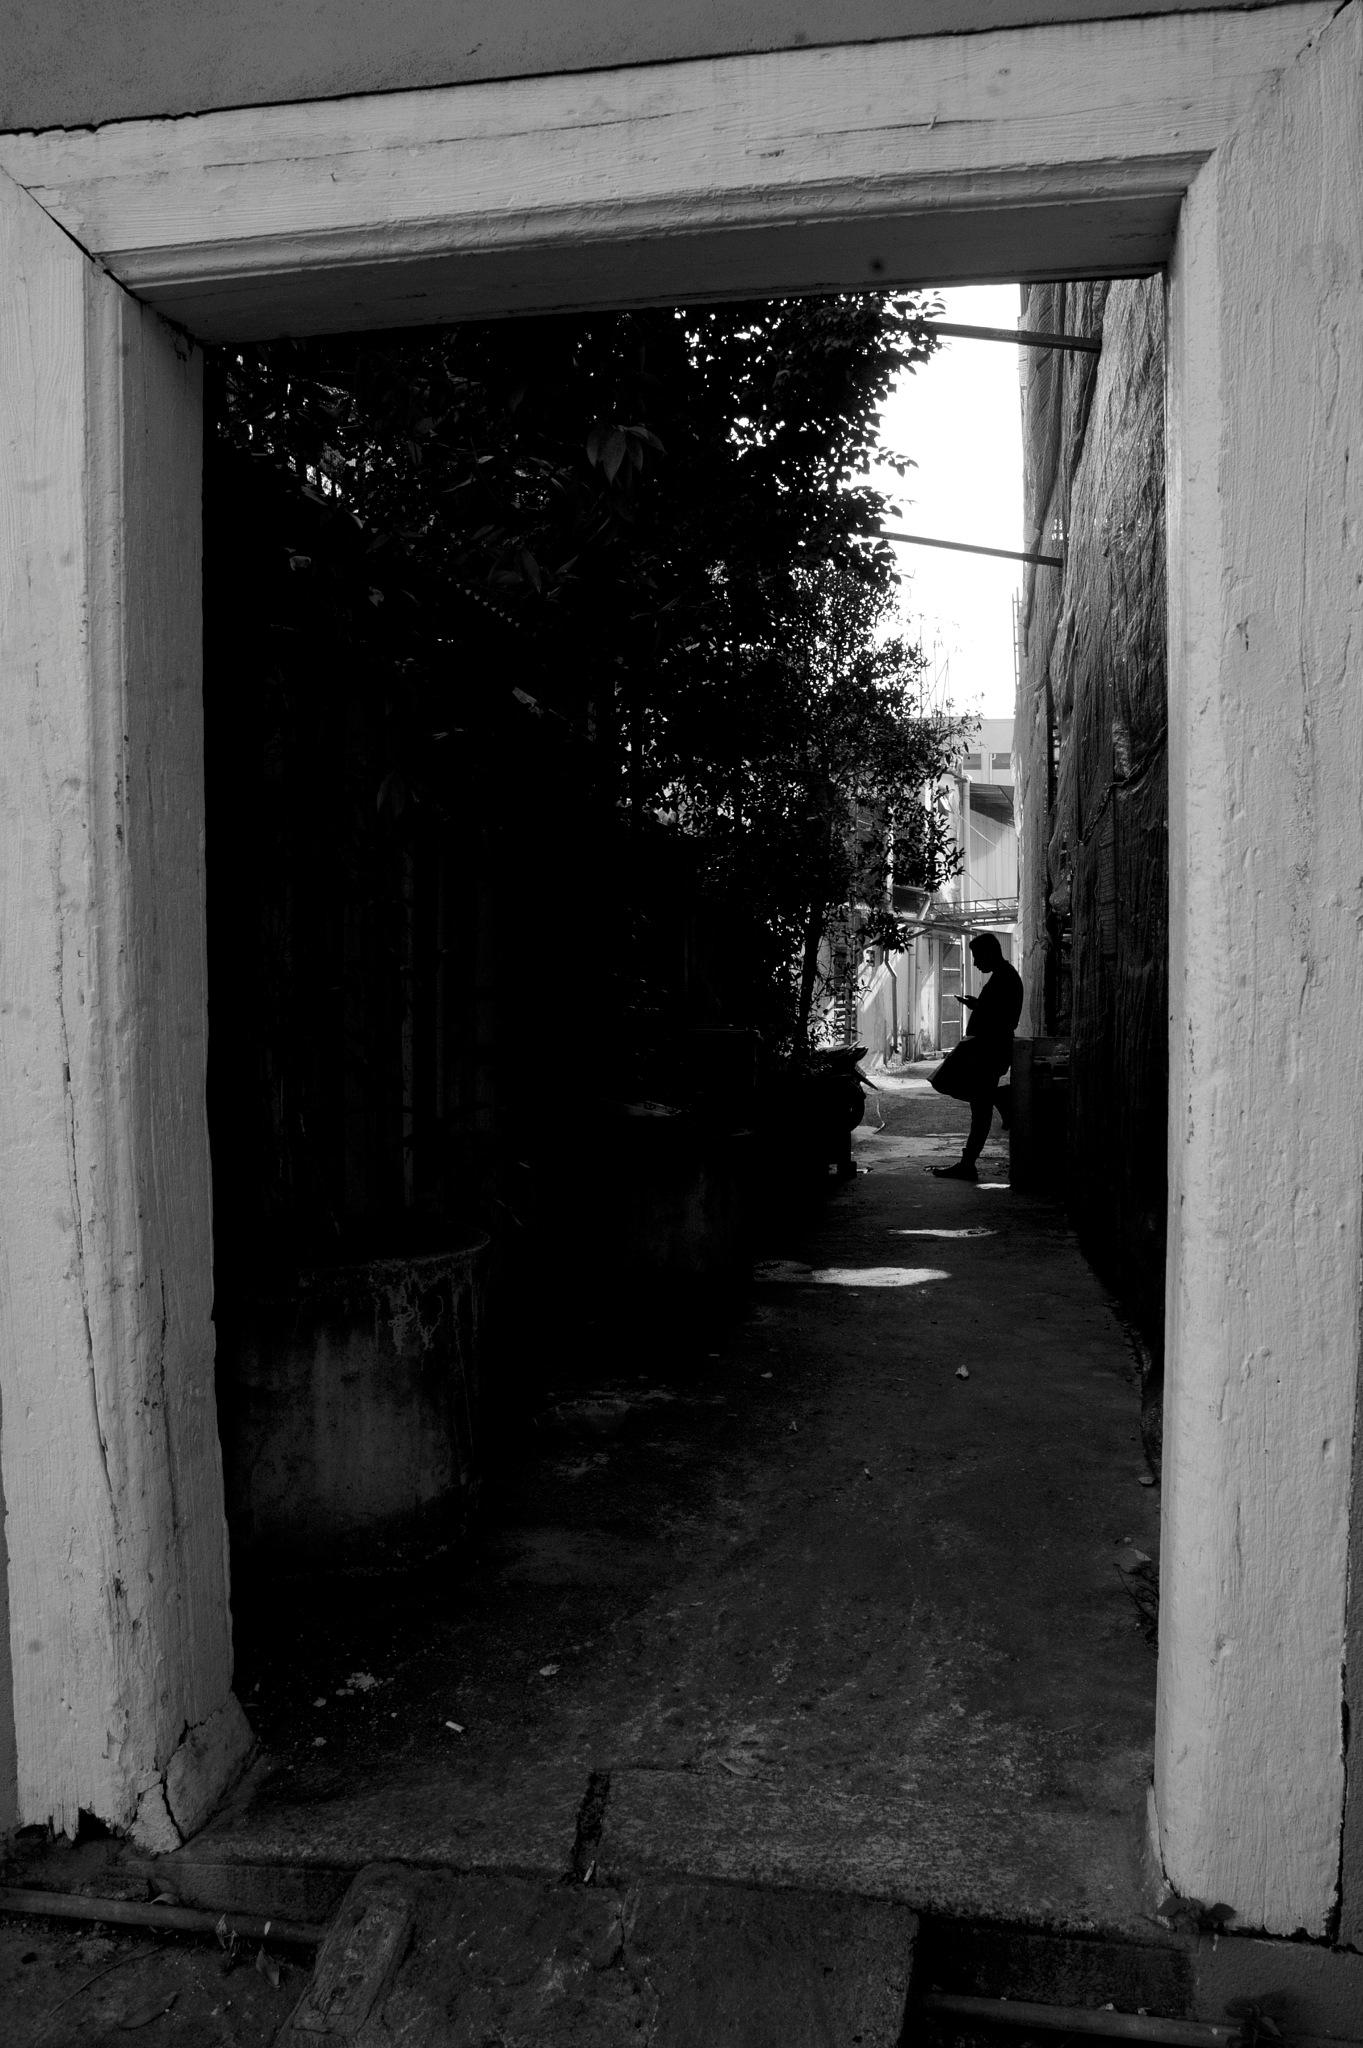 alone by Mustaffa Tapa Otai